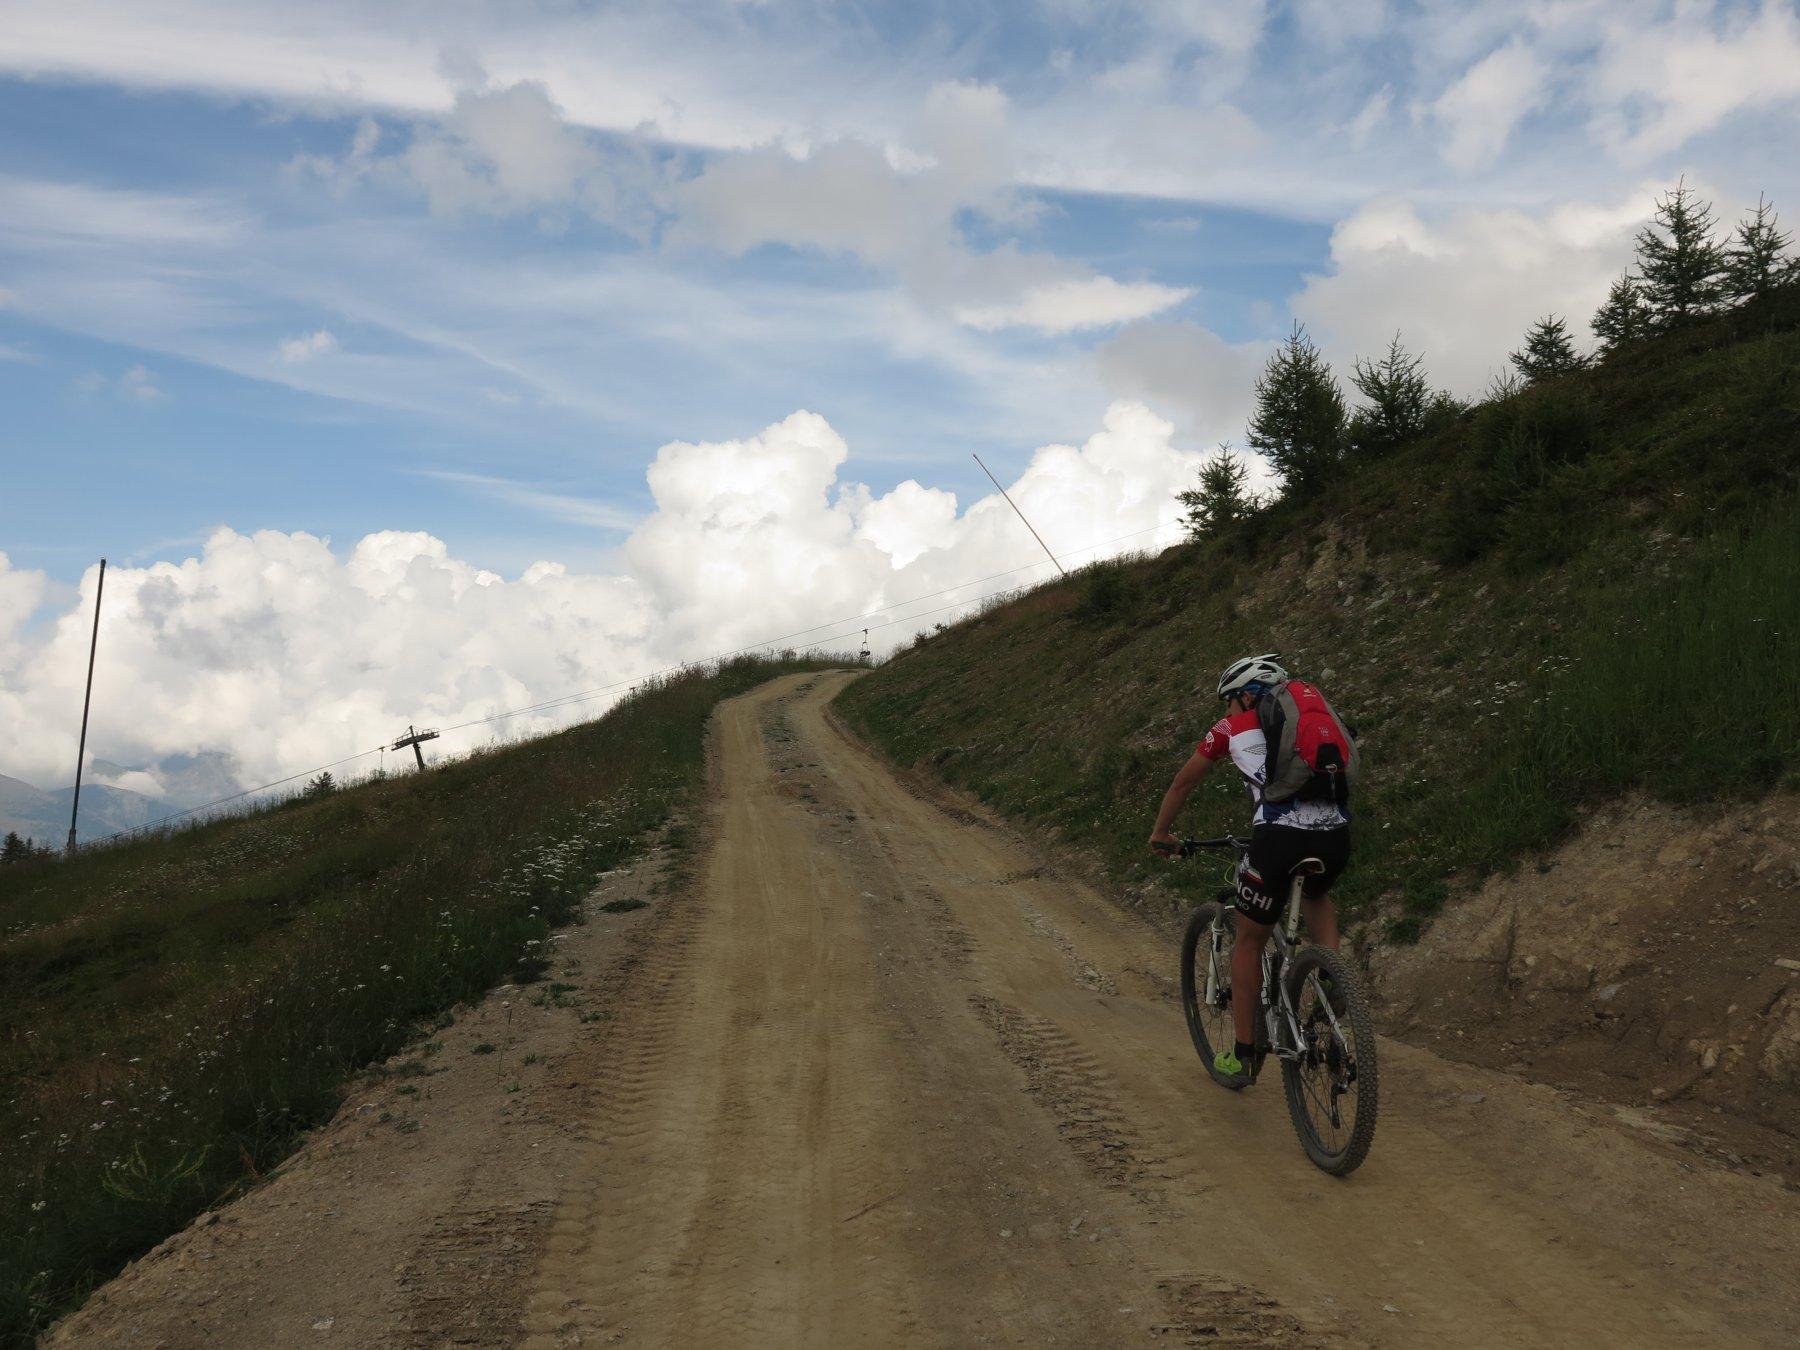 Appenna (Monte) da Pattemouche, giro per Valle Argentera e Laval 2019-08-21